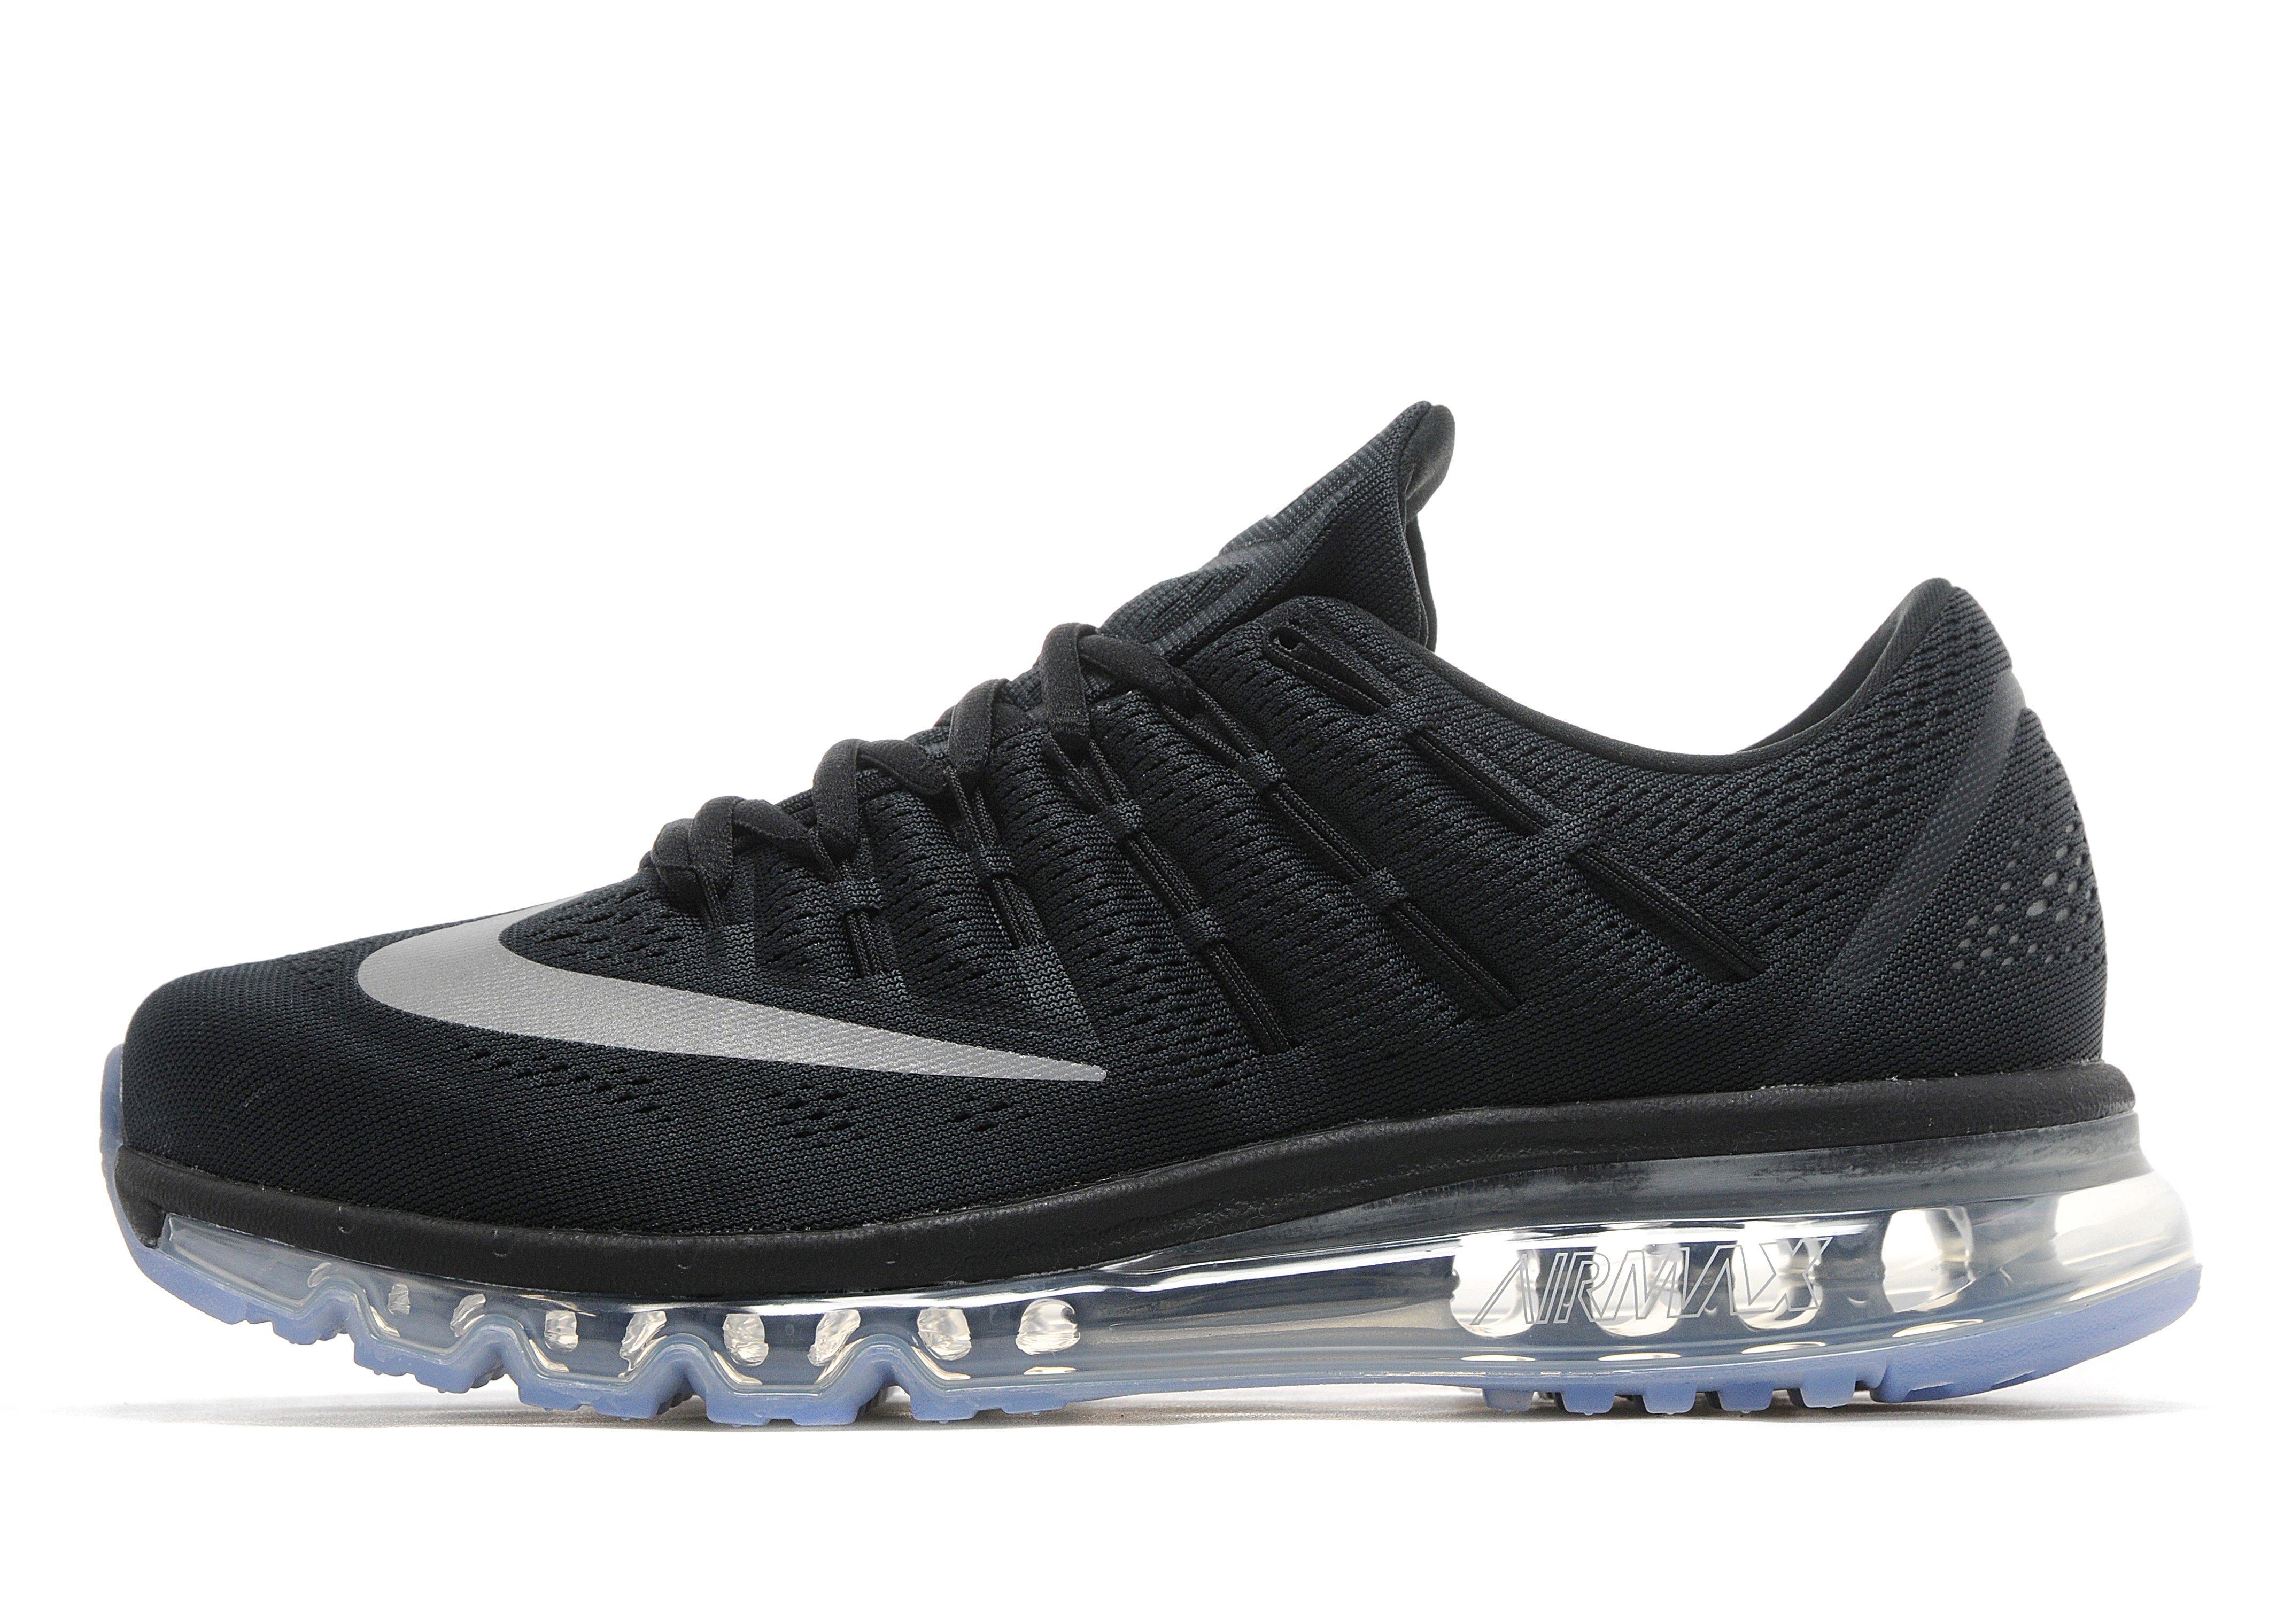 Cheap Nike Womens Air Max 95 Trainer Matte Silver Footasylum